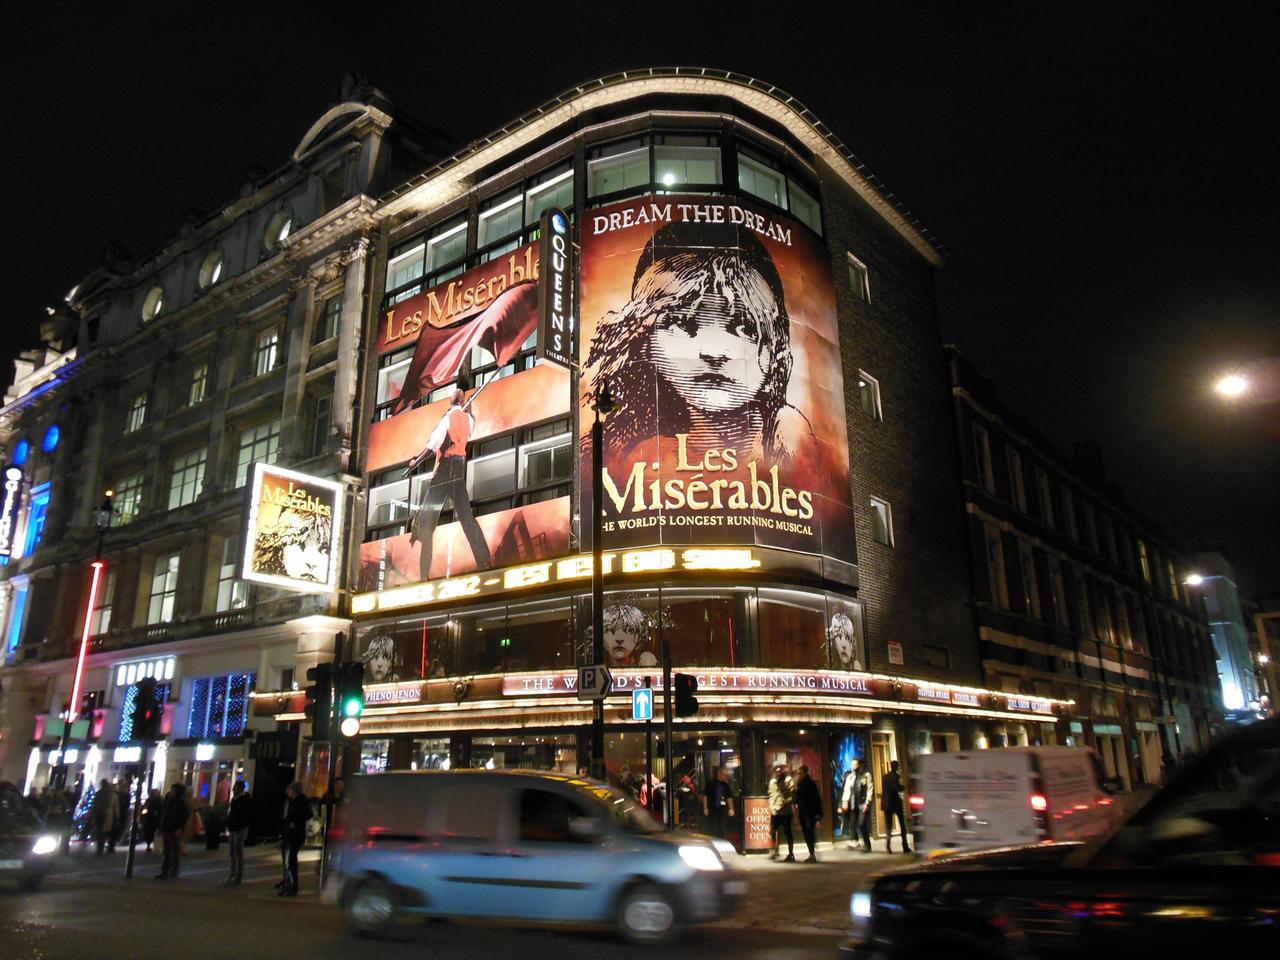 les miserables theatre: